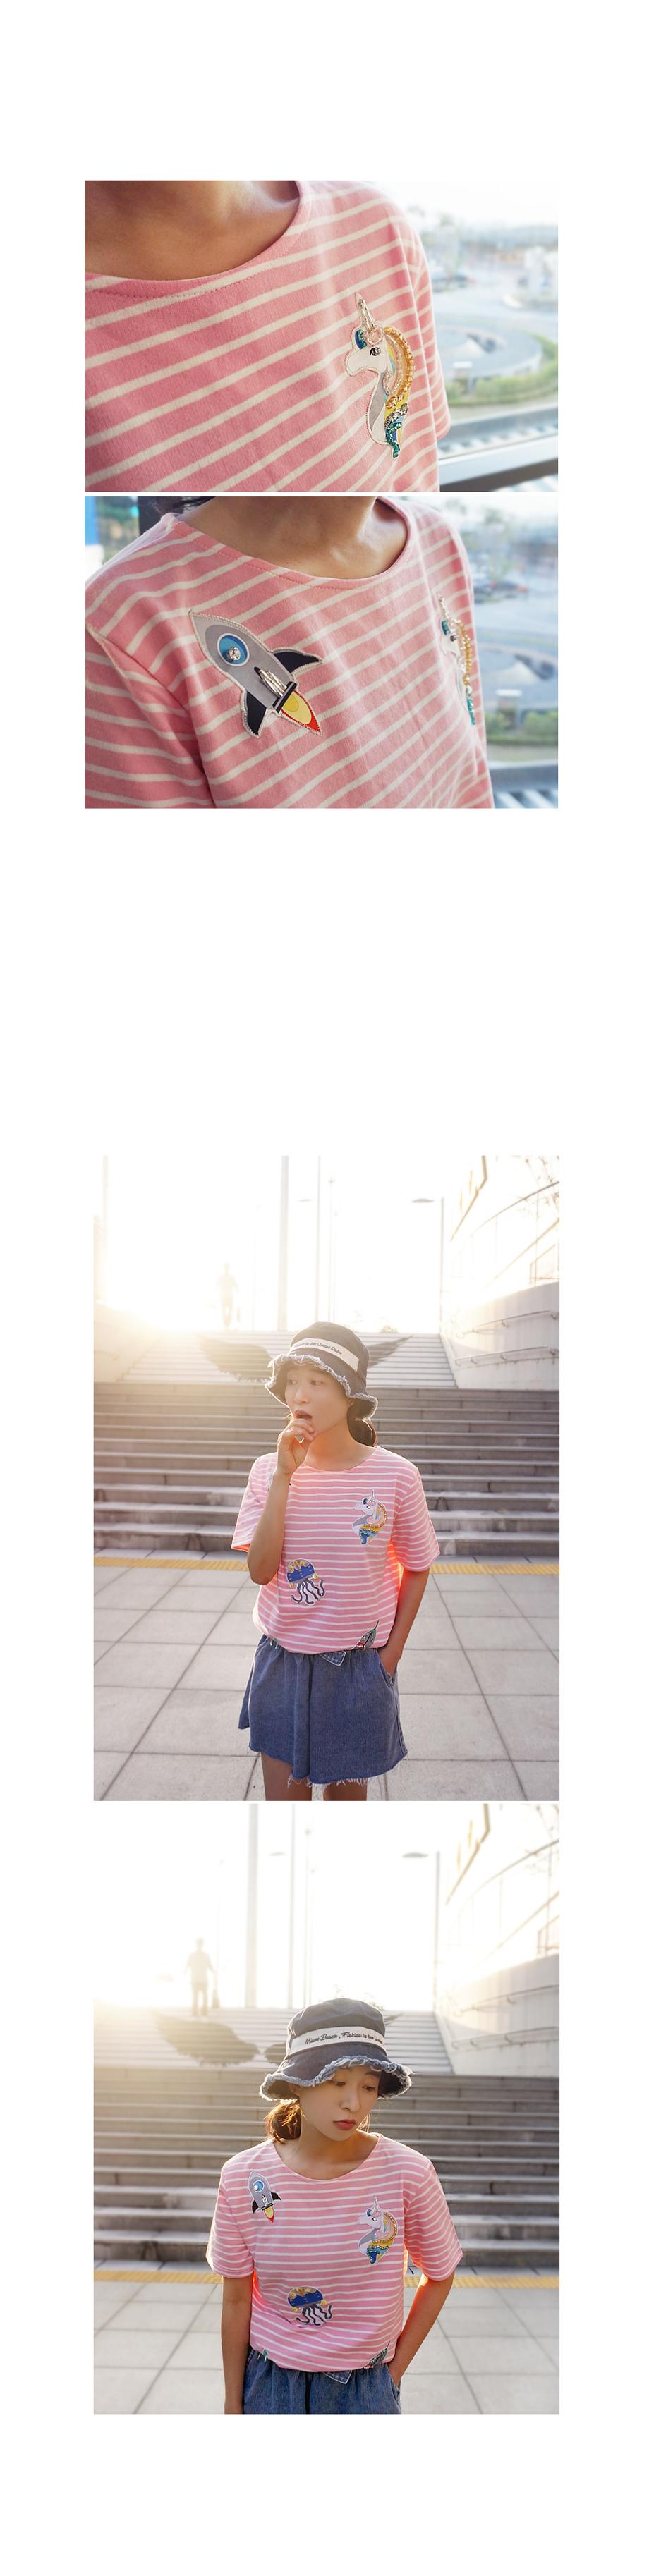 아기자기 입체비즈 스트라이프라운드반팔티셔츠 - 앞머리, 39,900원, 상의, 반팔티셔츠